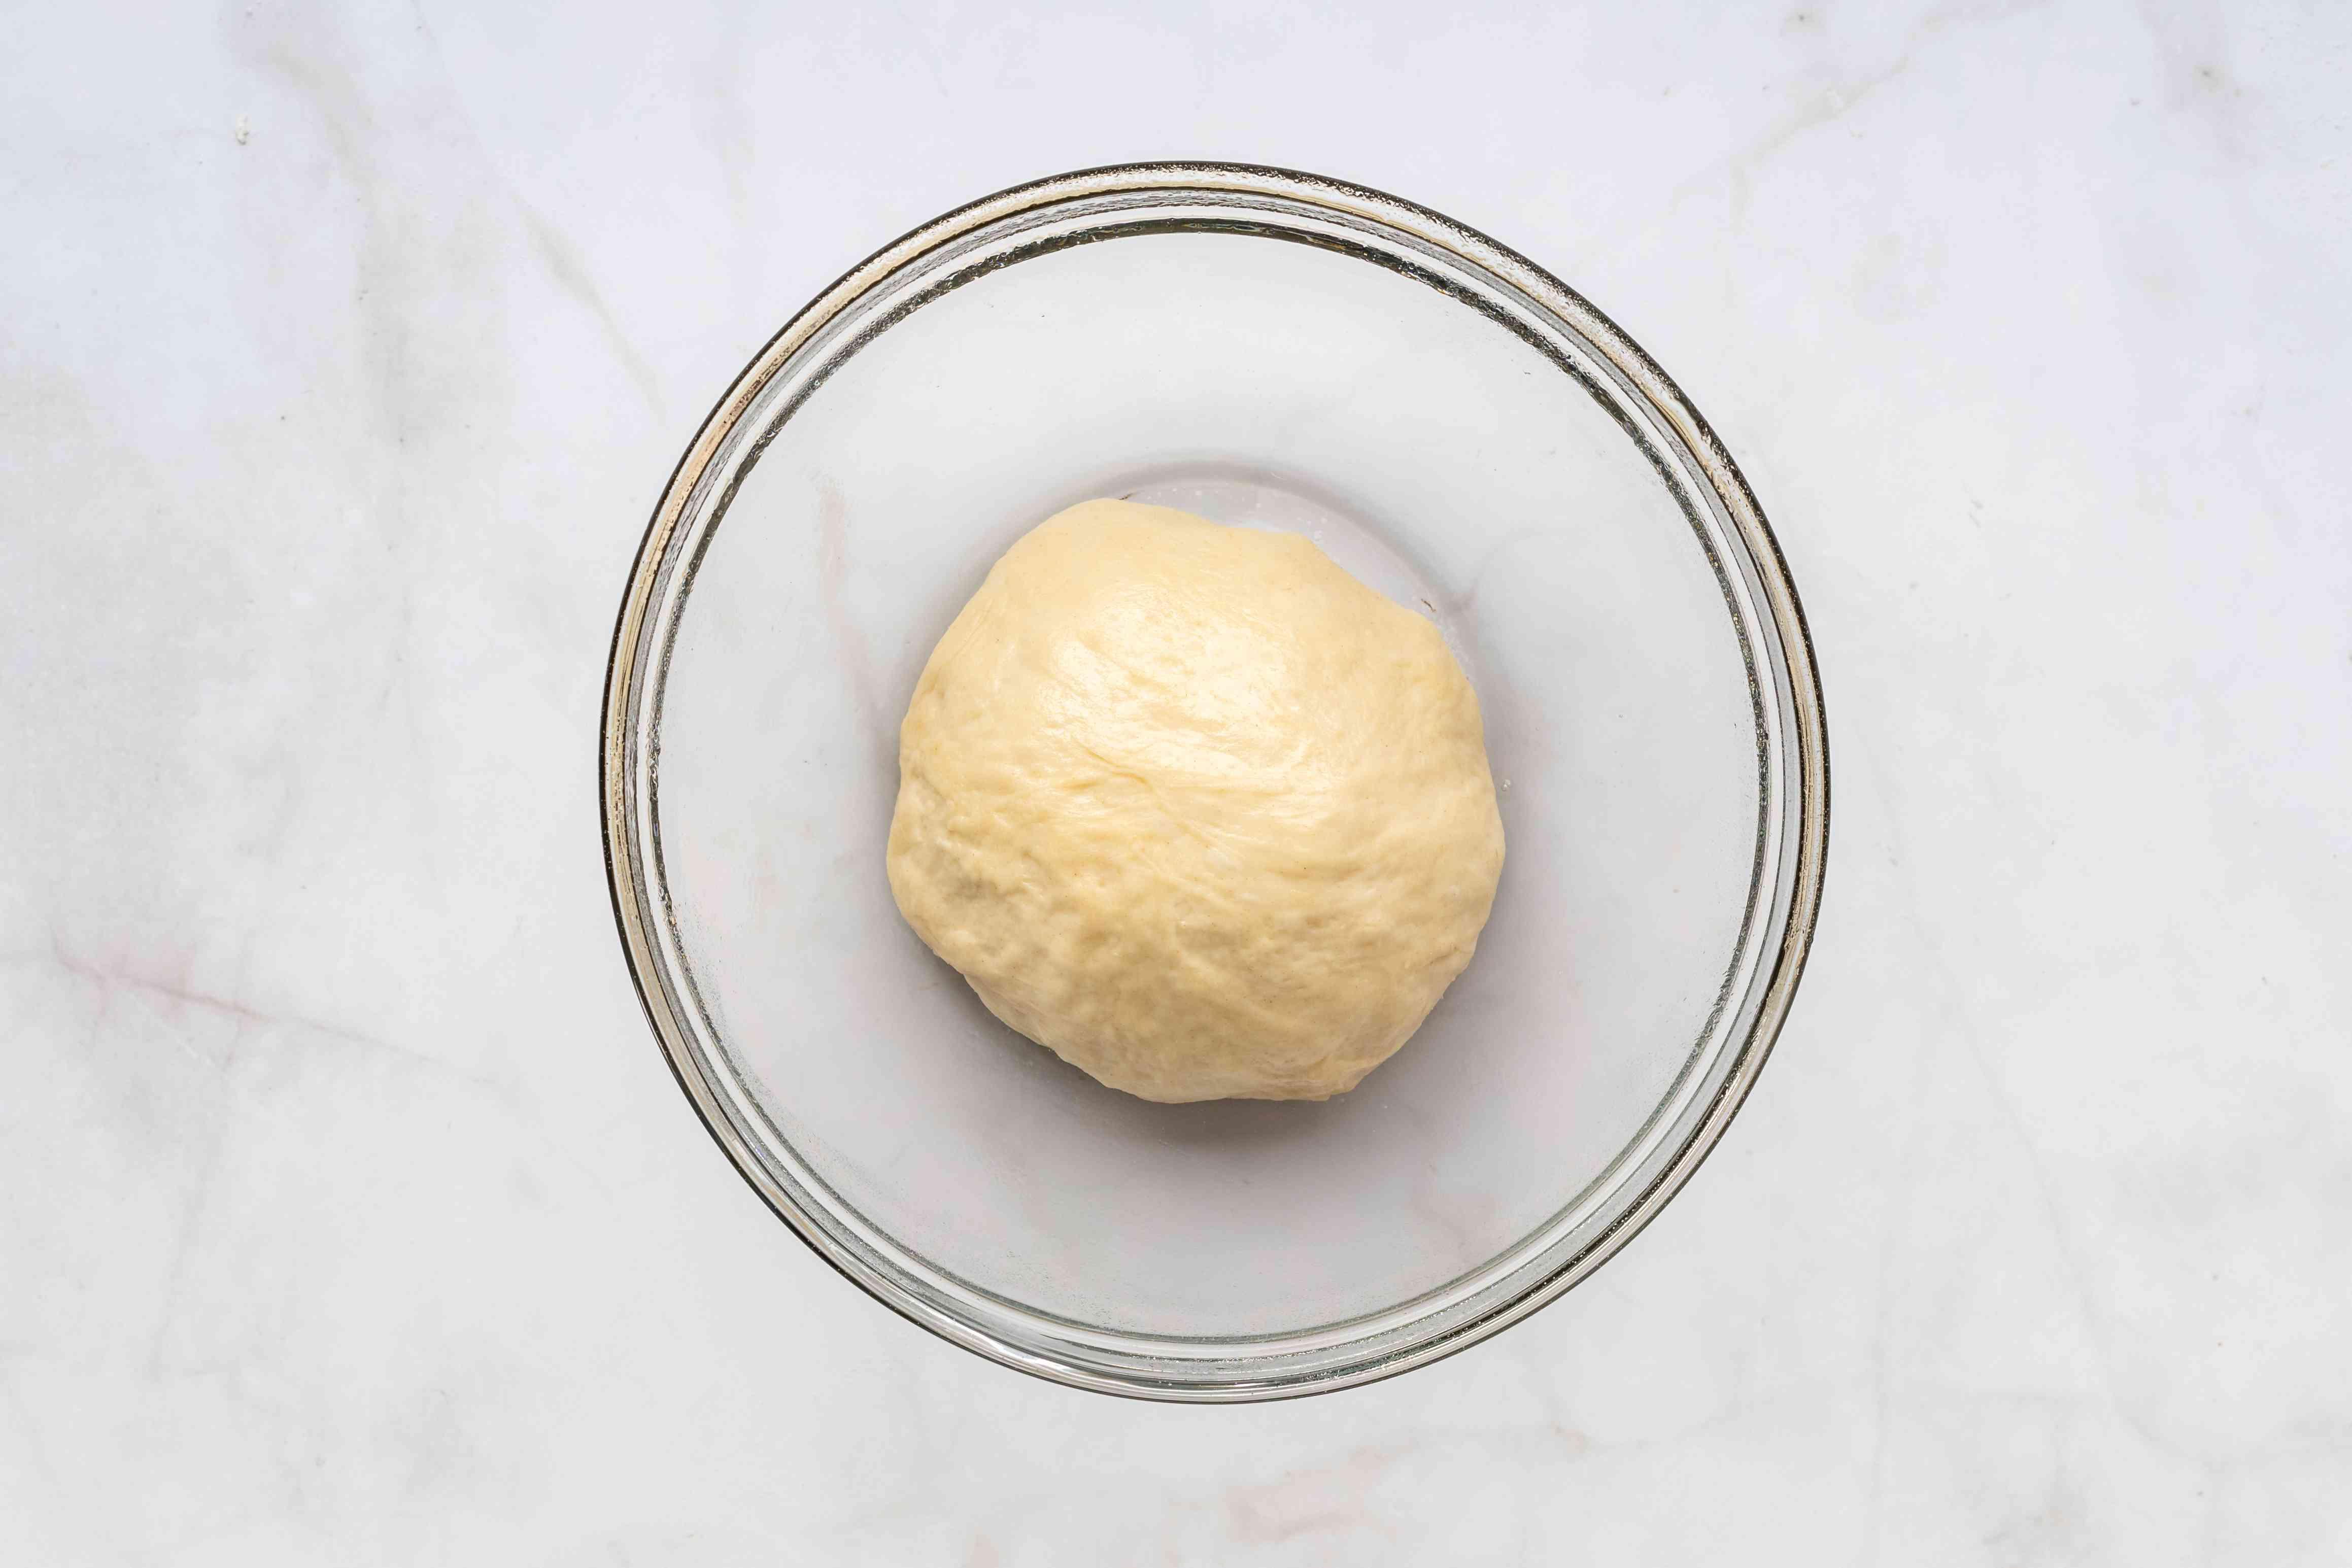 dough ball in a bowl